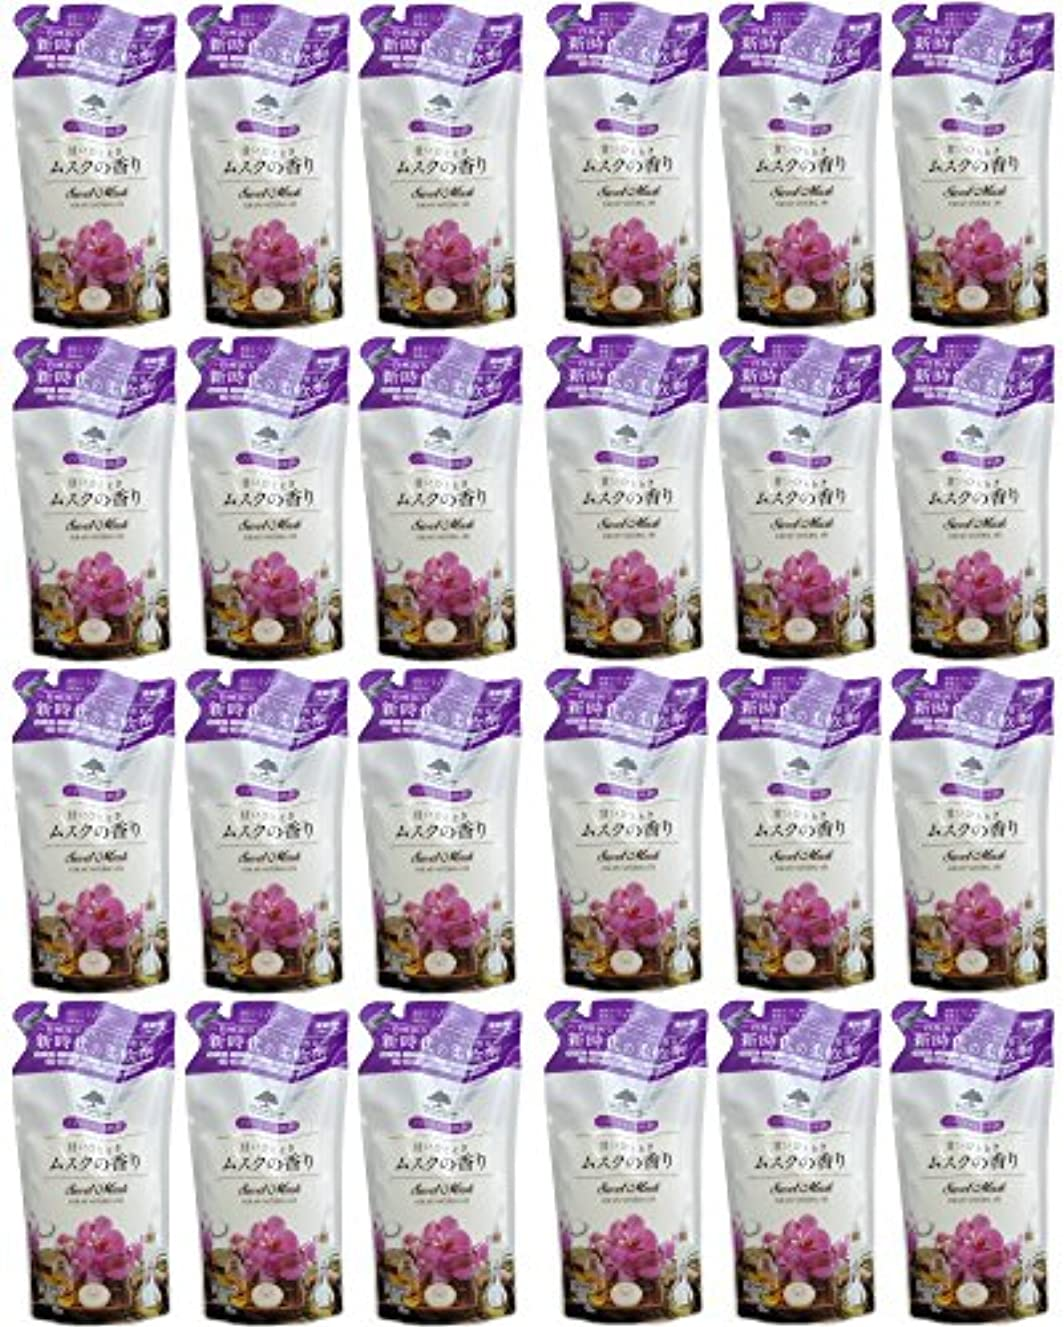 ドキドキくつろぎポーチマイランドリー ムスクの香り 詰め替え用 480ml 超まとめ買い18個+6個セット